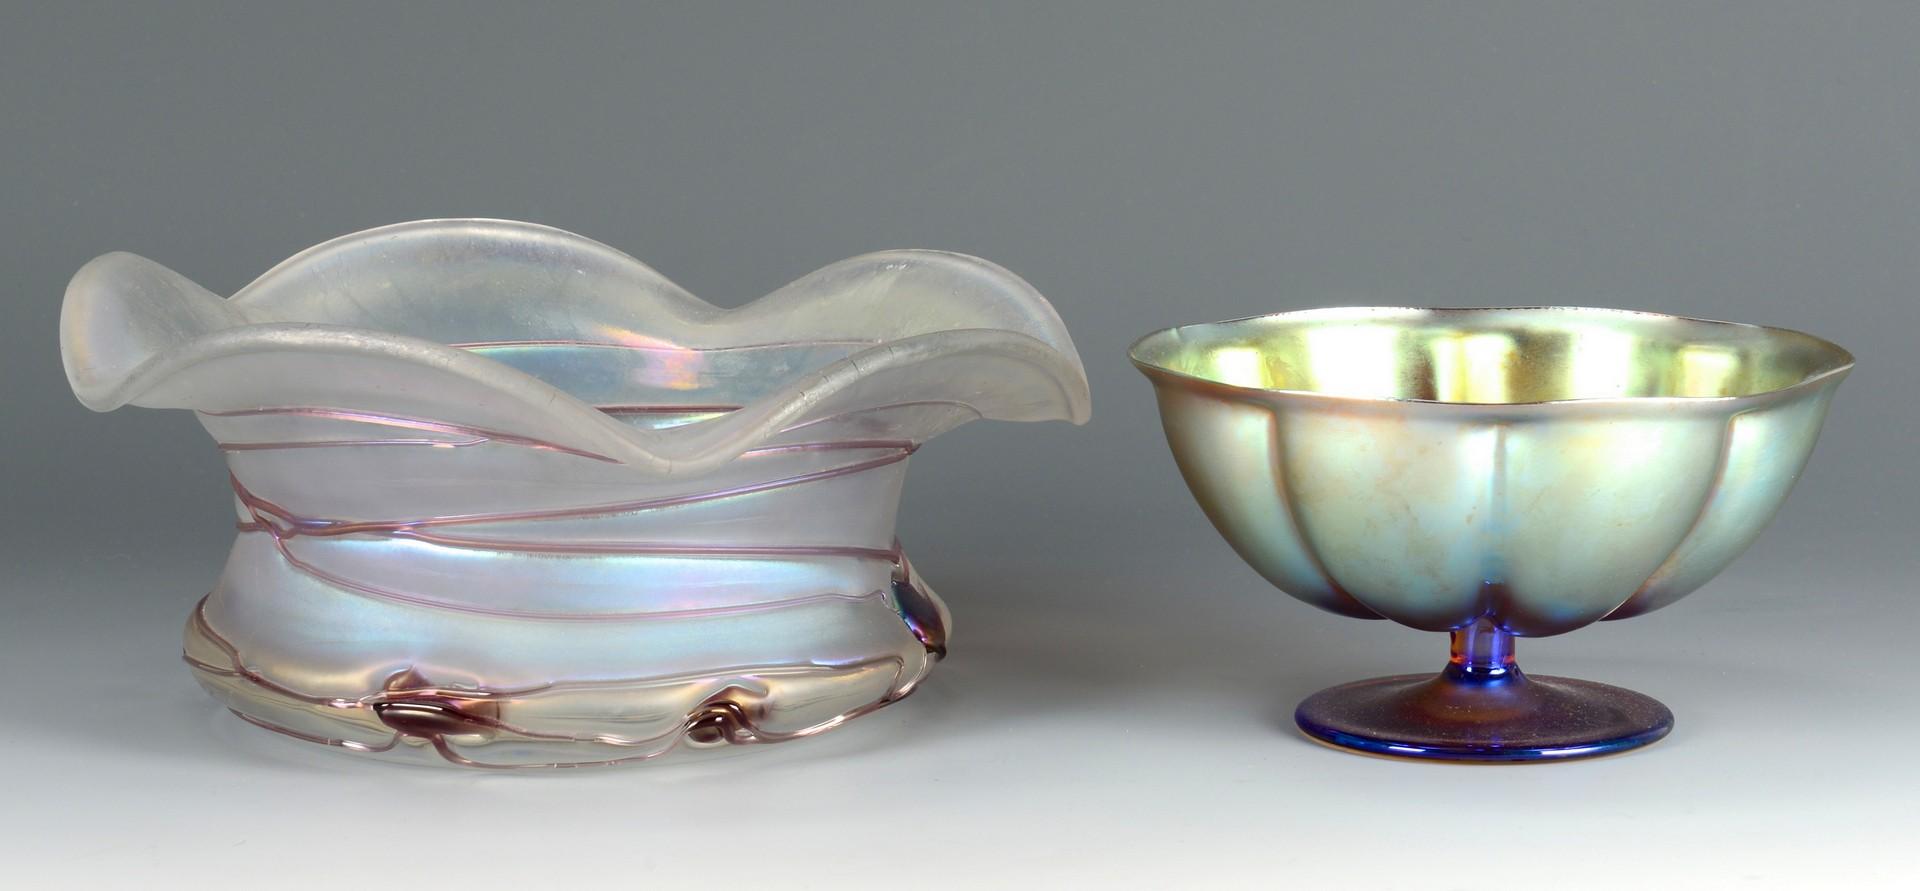 Lot 468: 2 Art Glass Bowls, 1 poss. Steuben